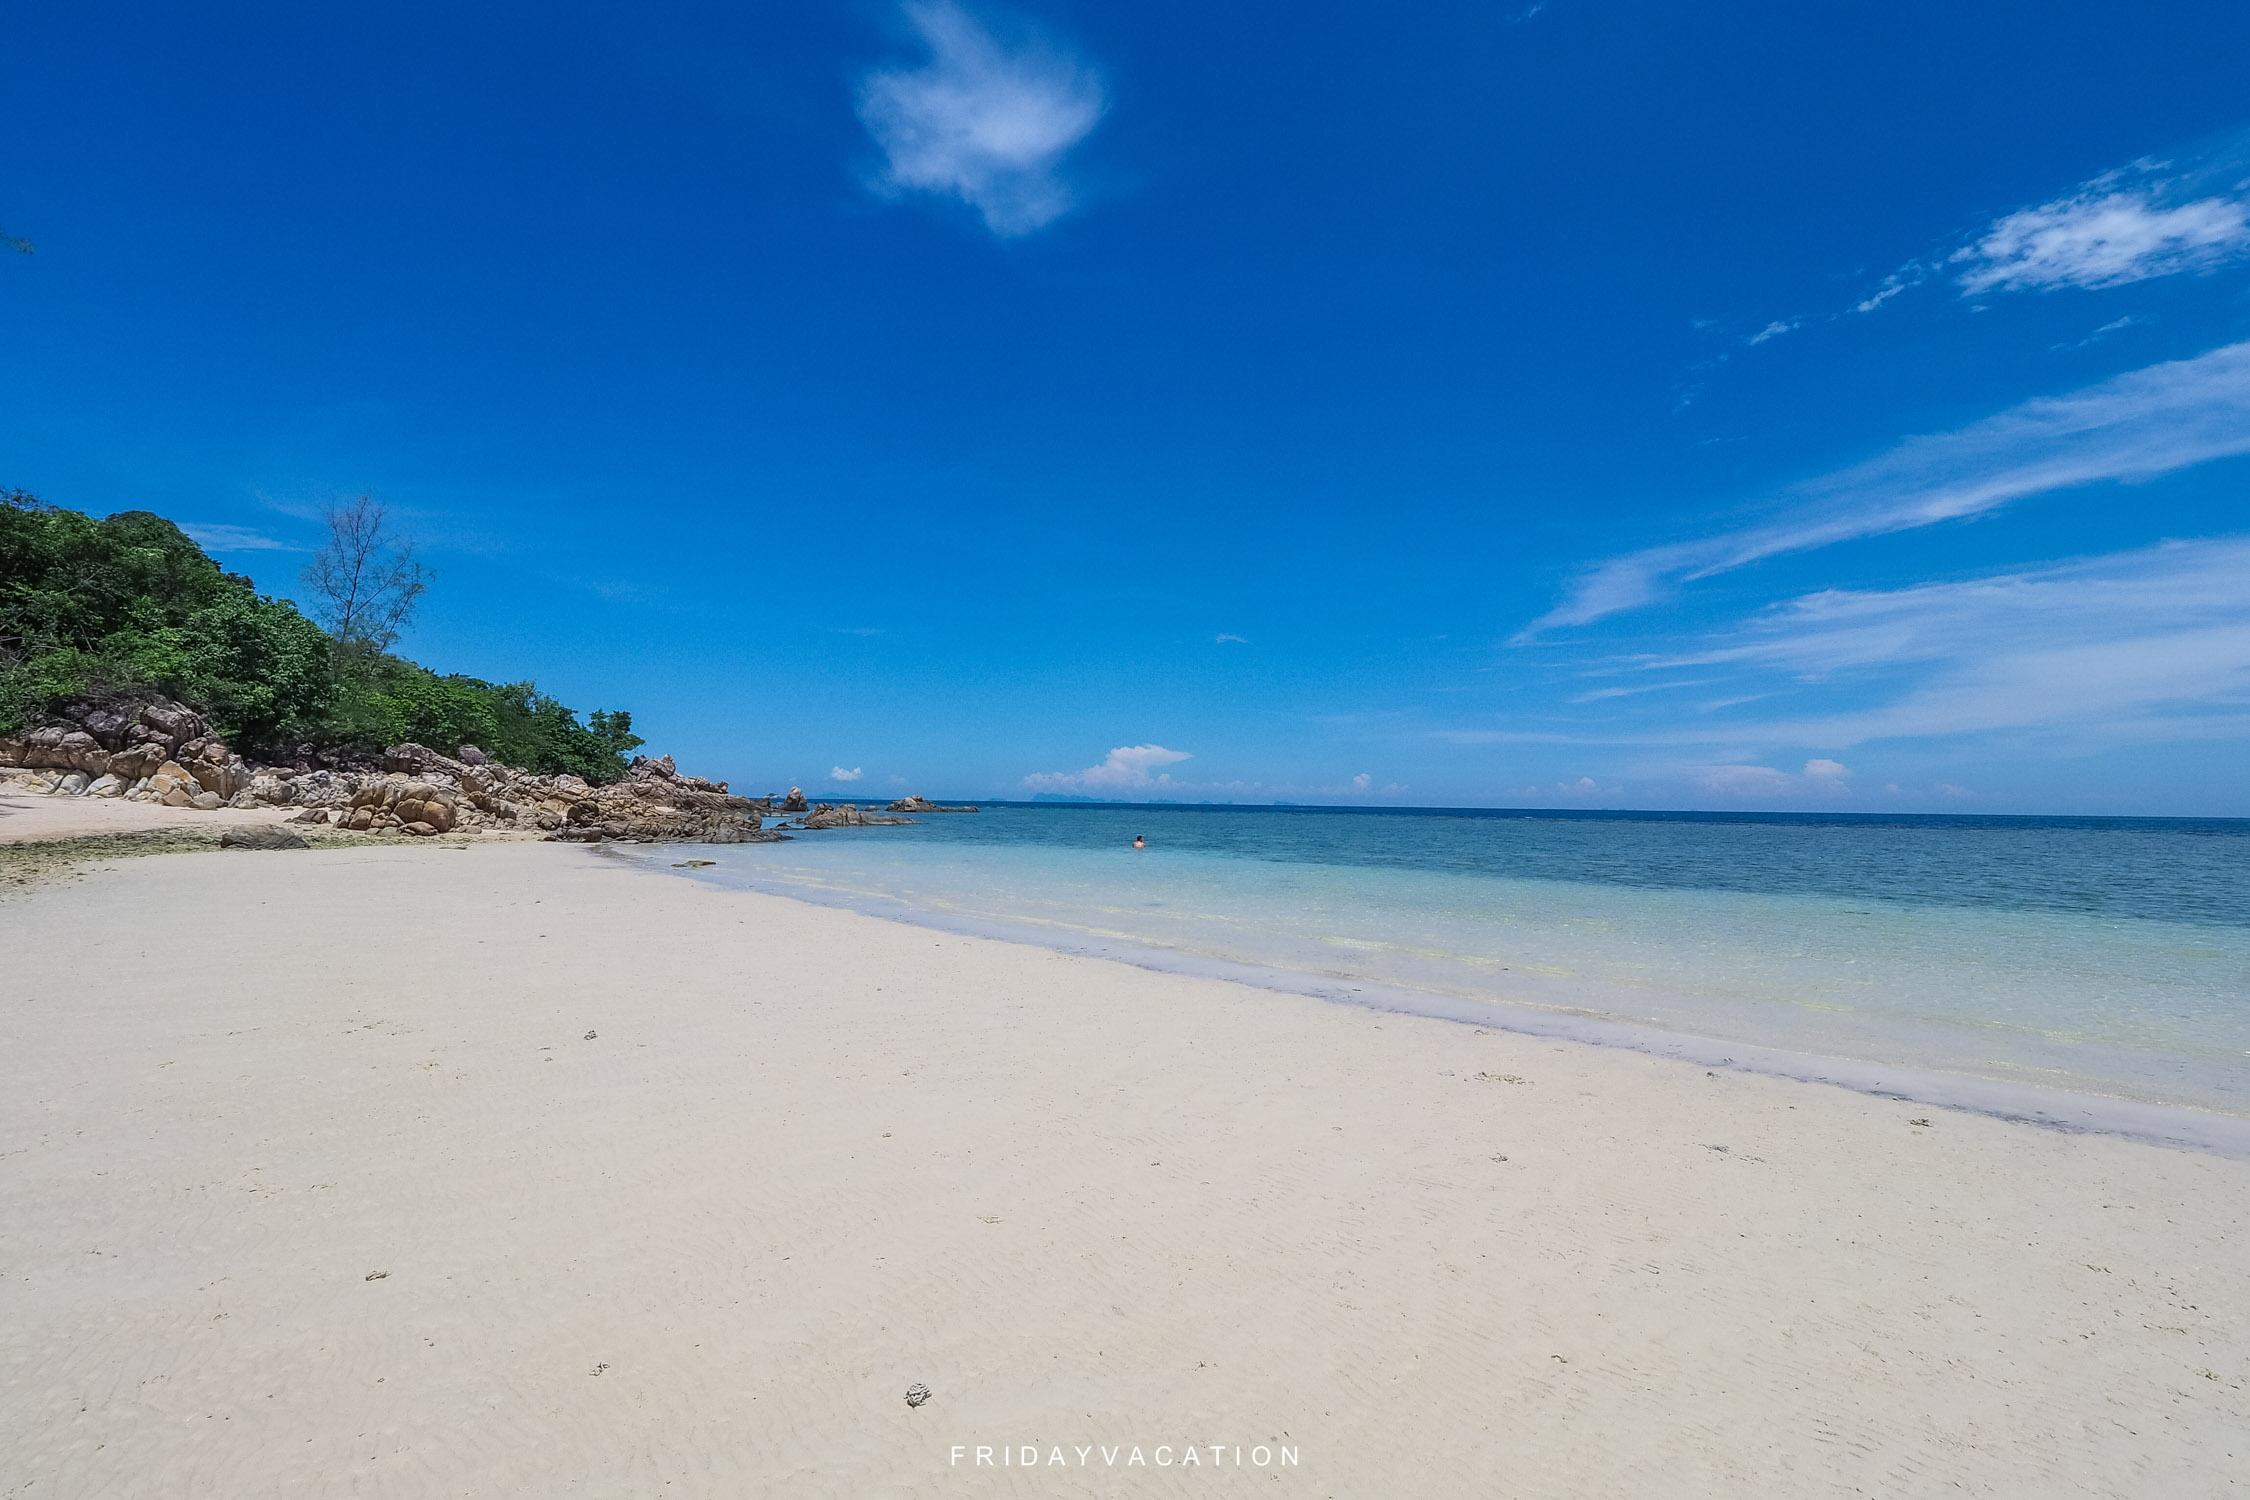 15 หาดสวยน้ำใส สมุย พะงัน เต่า นางยวน นครศรีดีย์